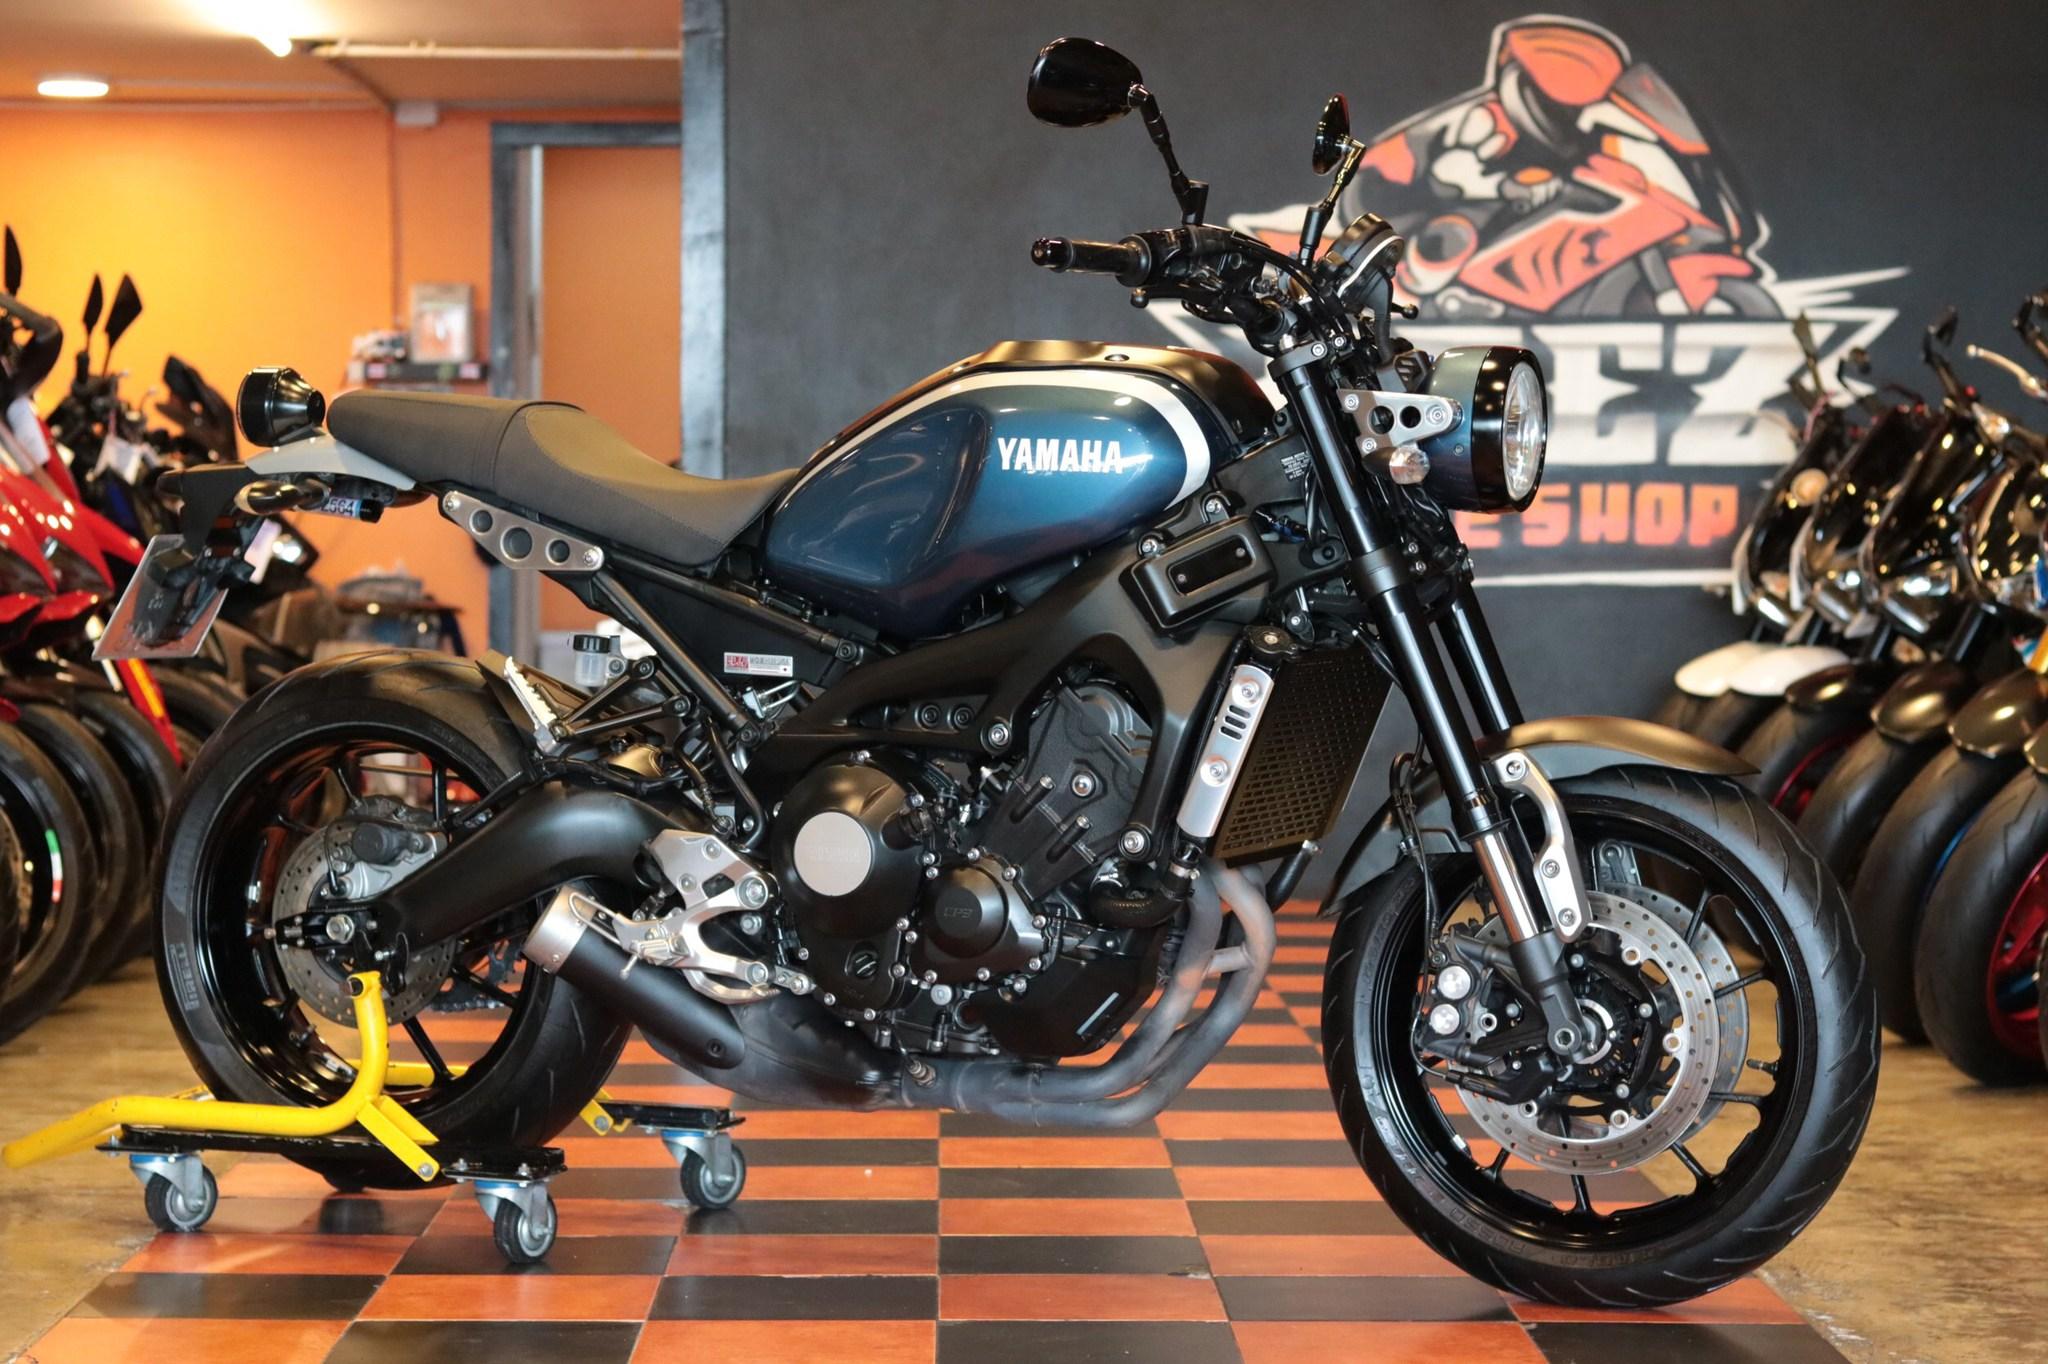 ขาย Yamaha XSR900 ABS ปี 2018